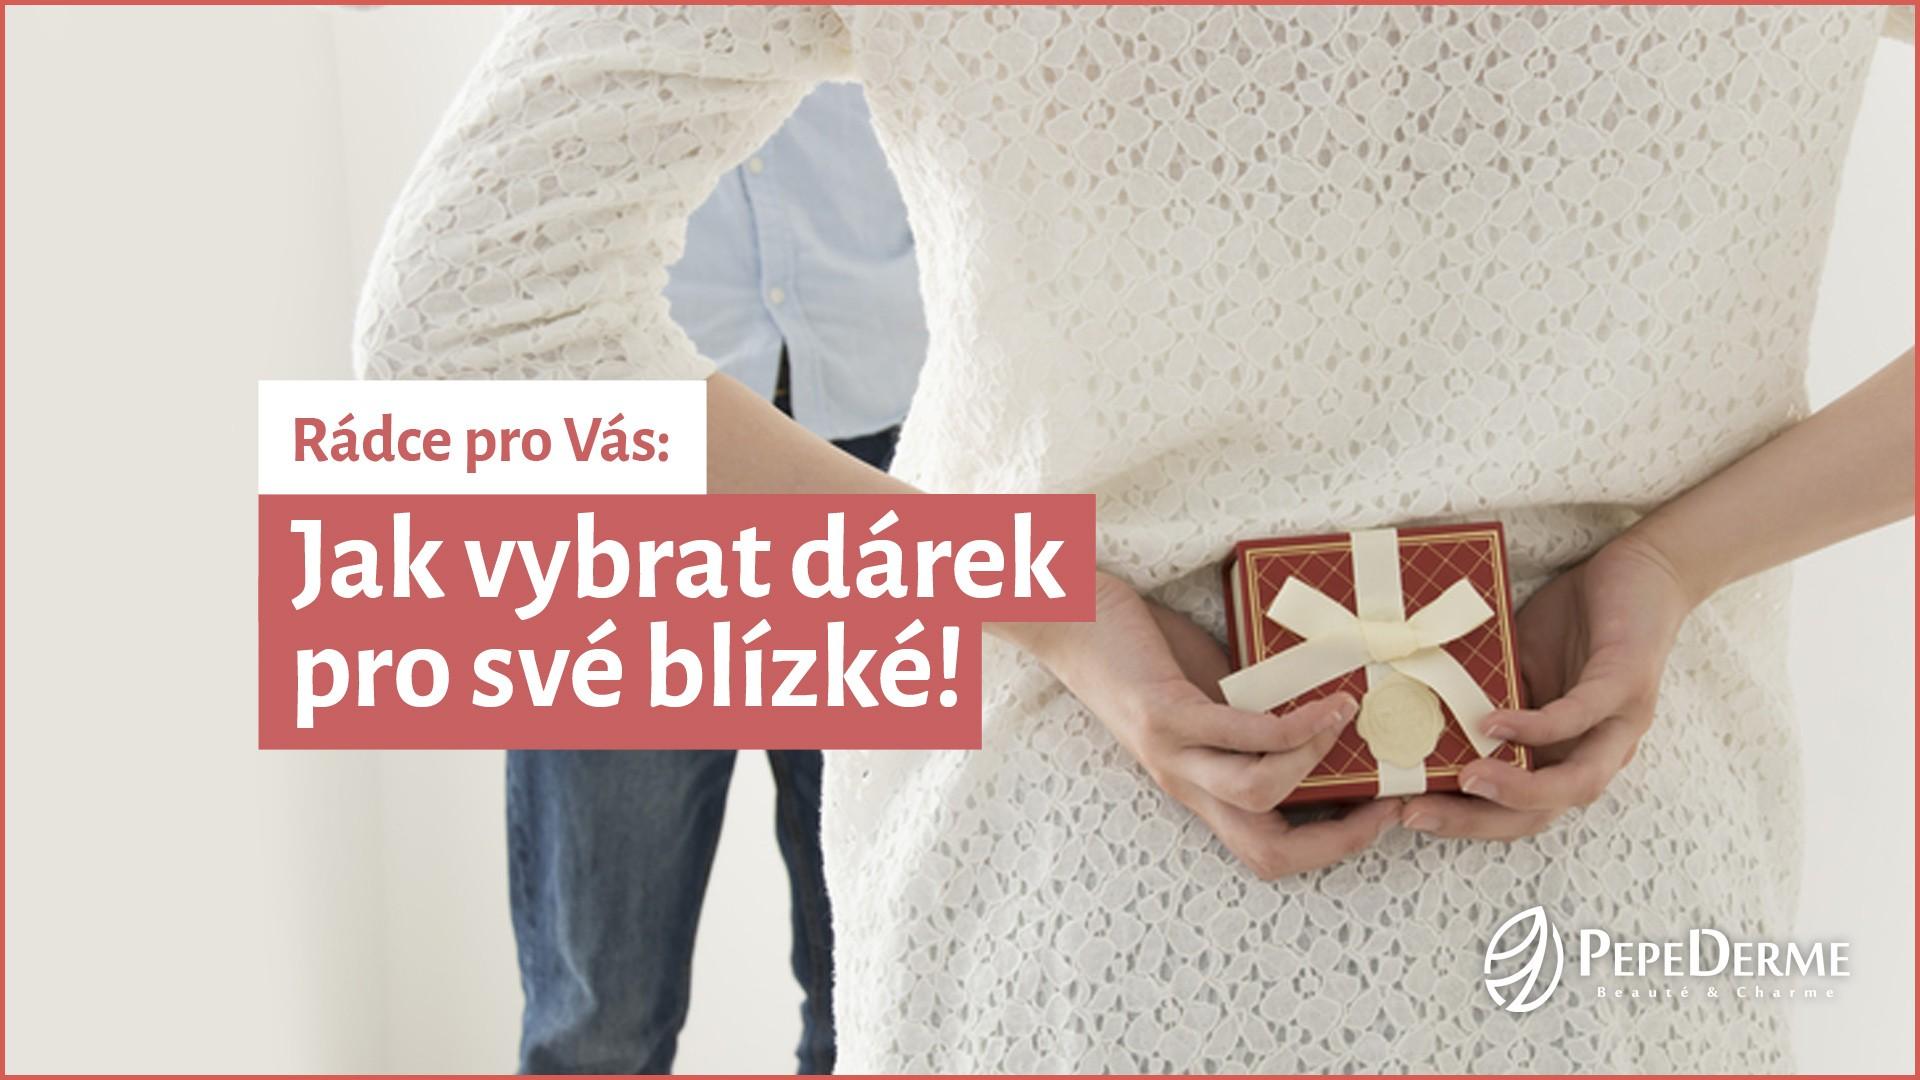 Rádce pro Vás: Jak vybrat dárek pro své blízké!